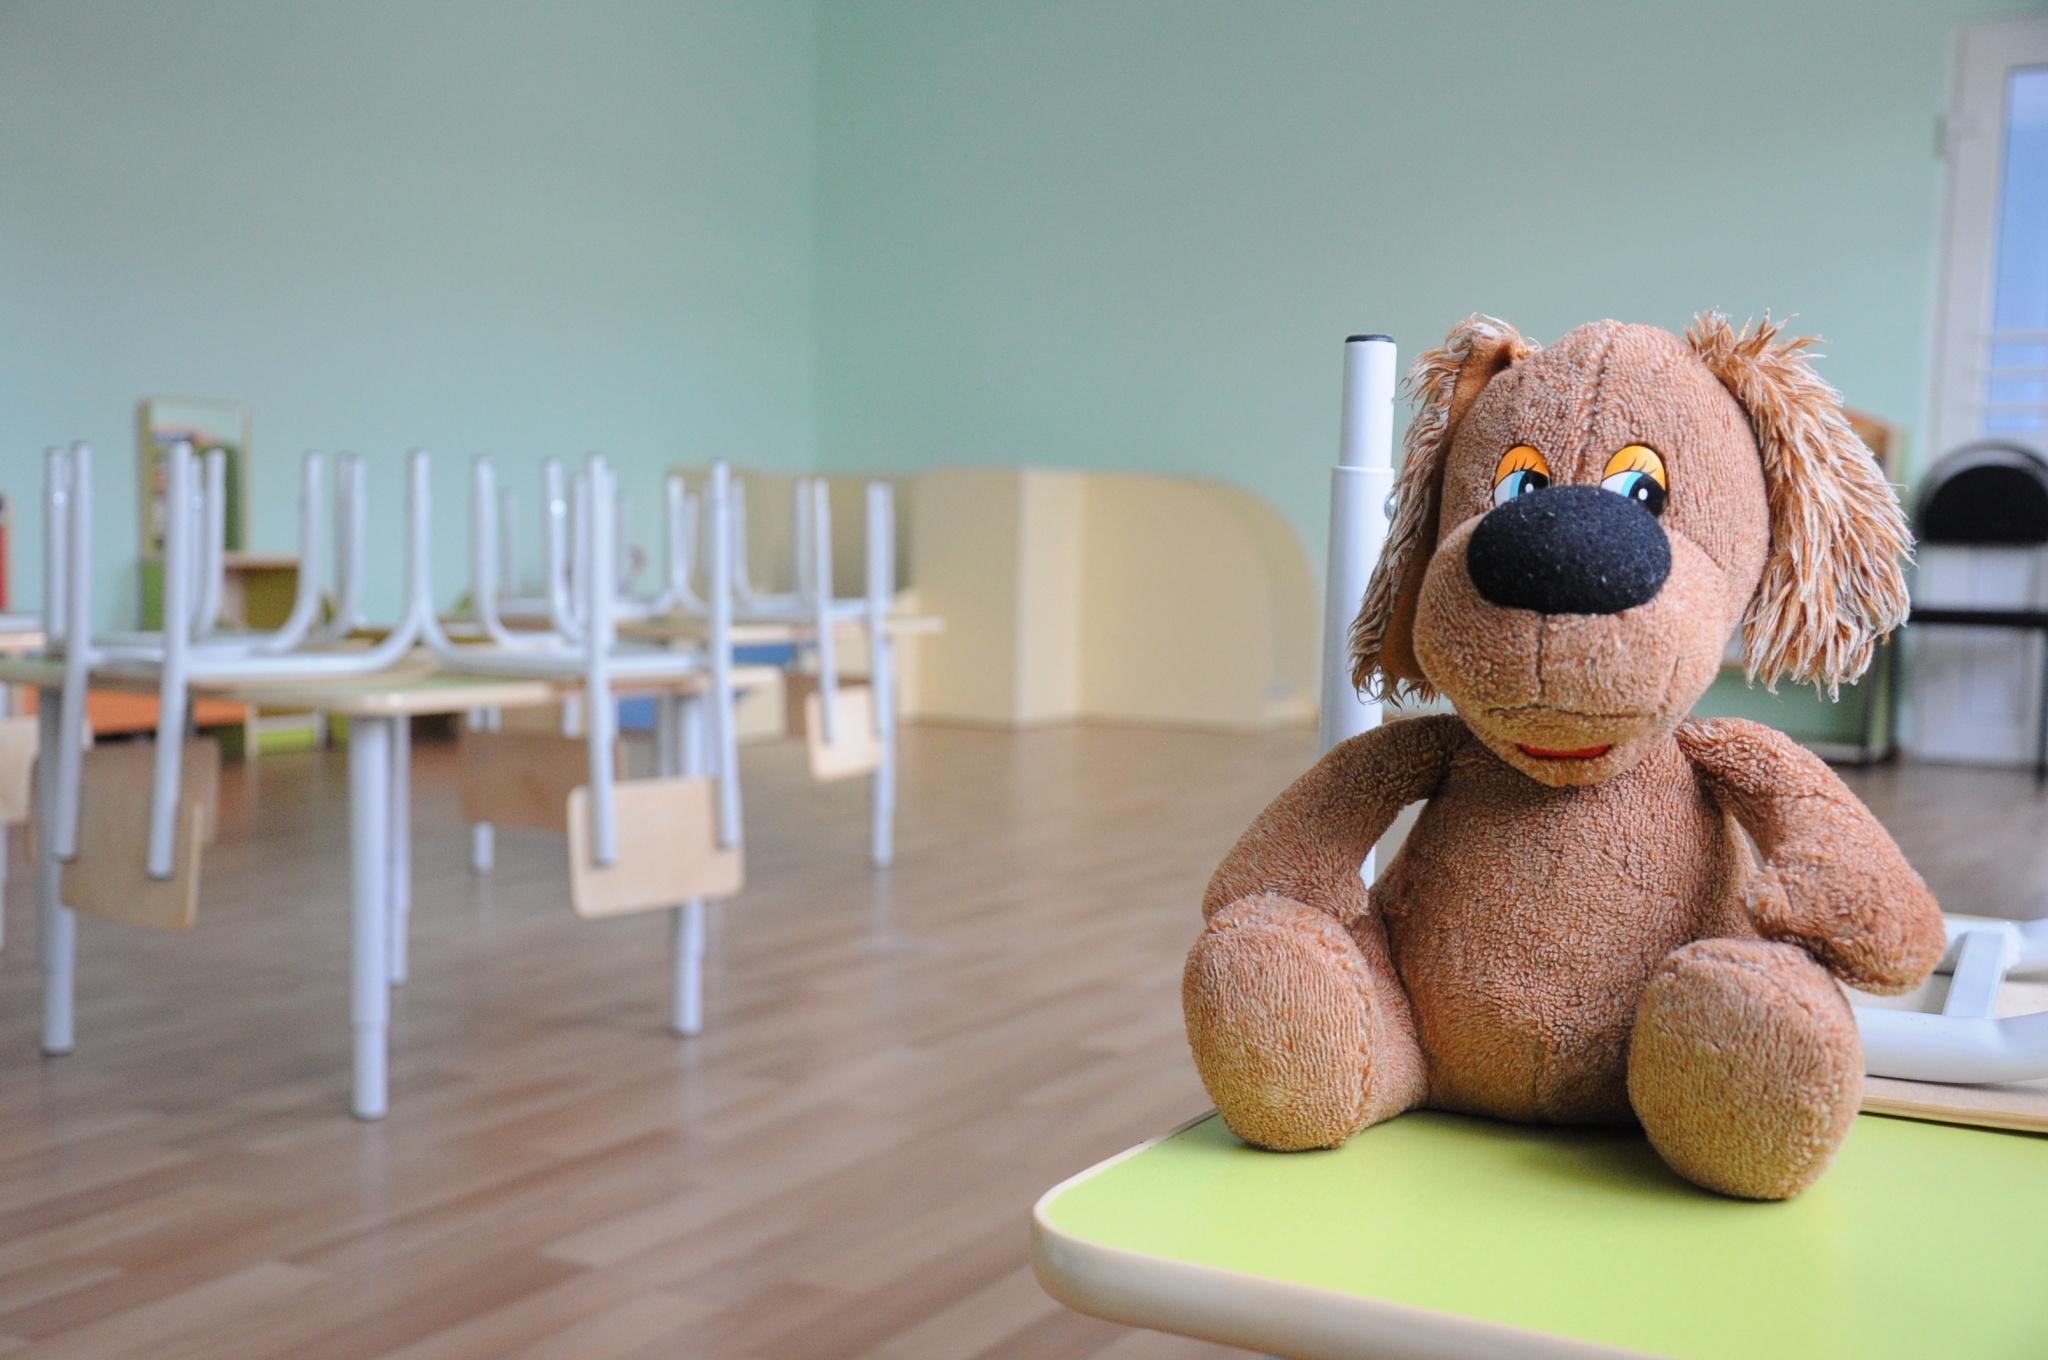 Проблема повторяется: многие столичные детские сады находятся под угрозой закрытия из-за нехватки поваров